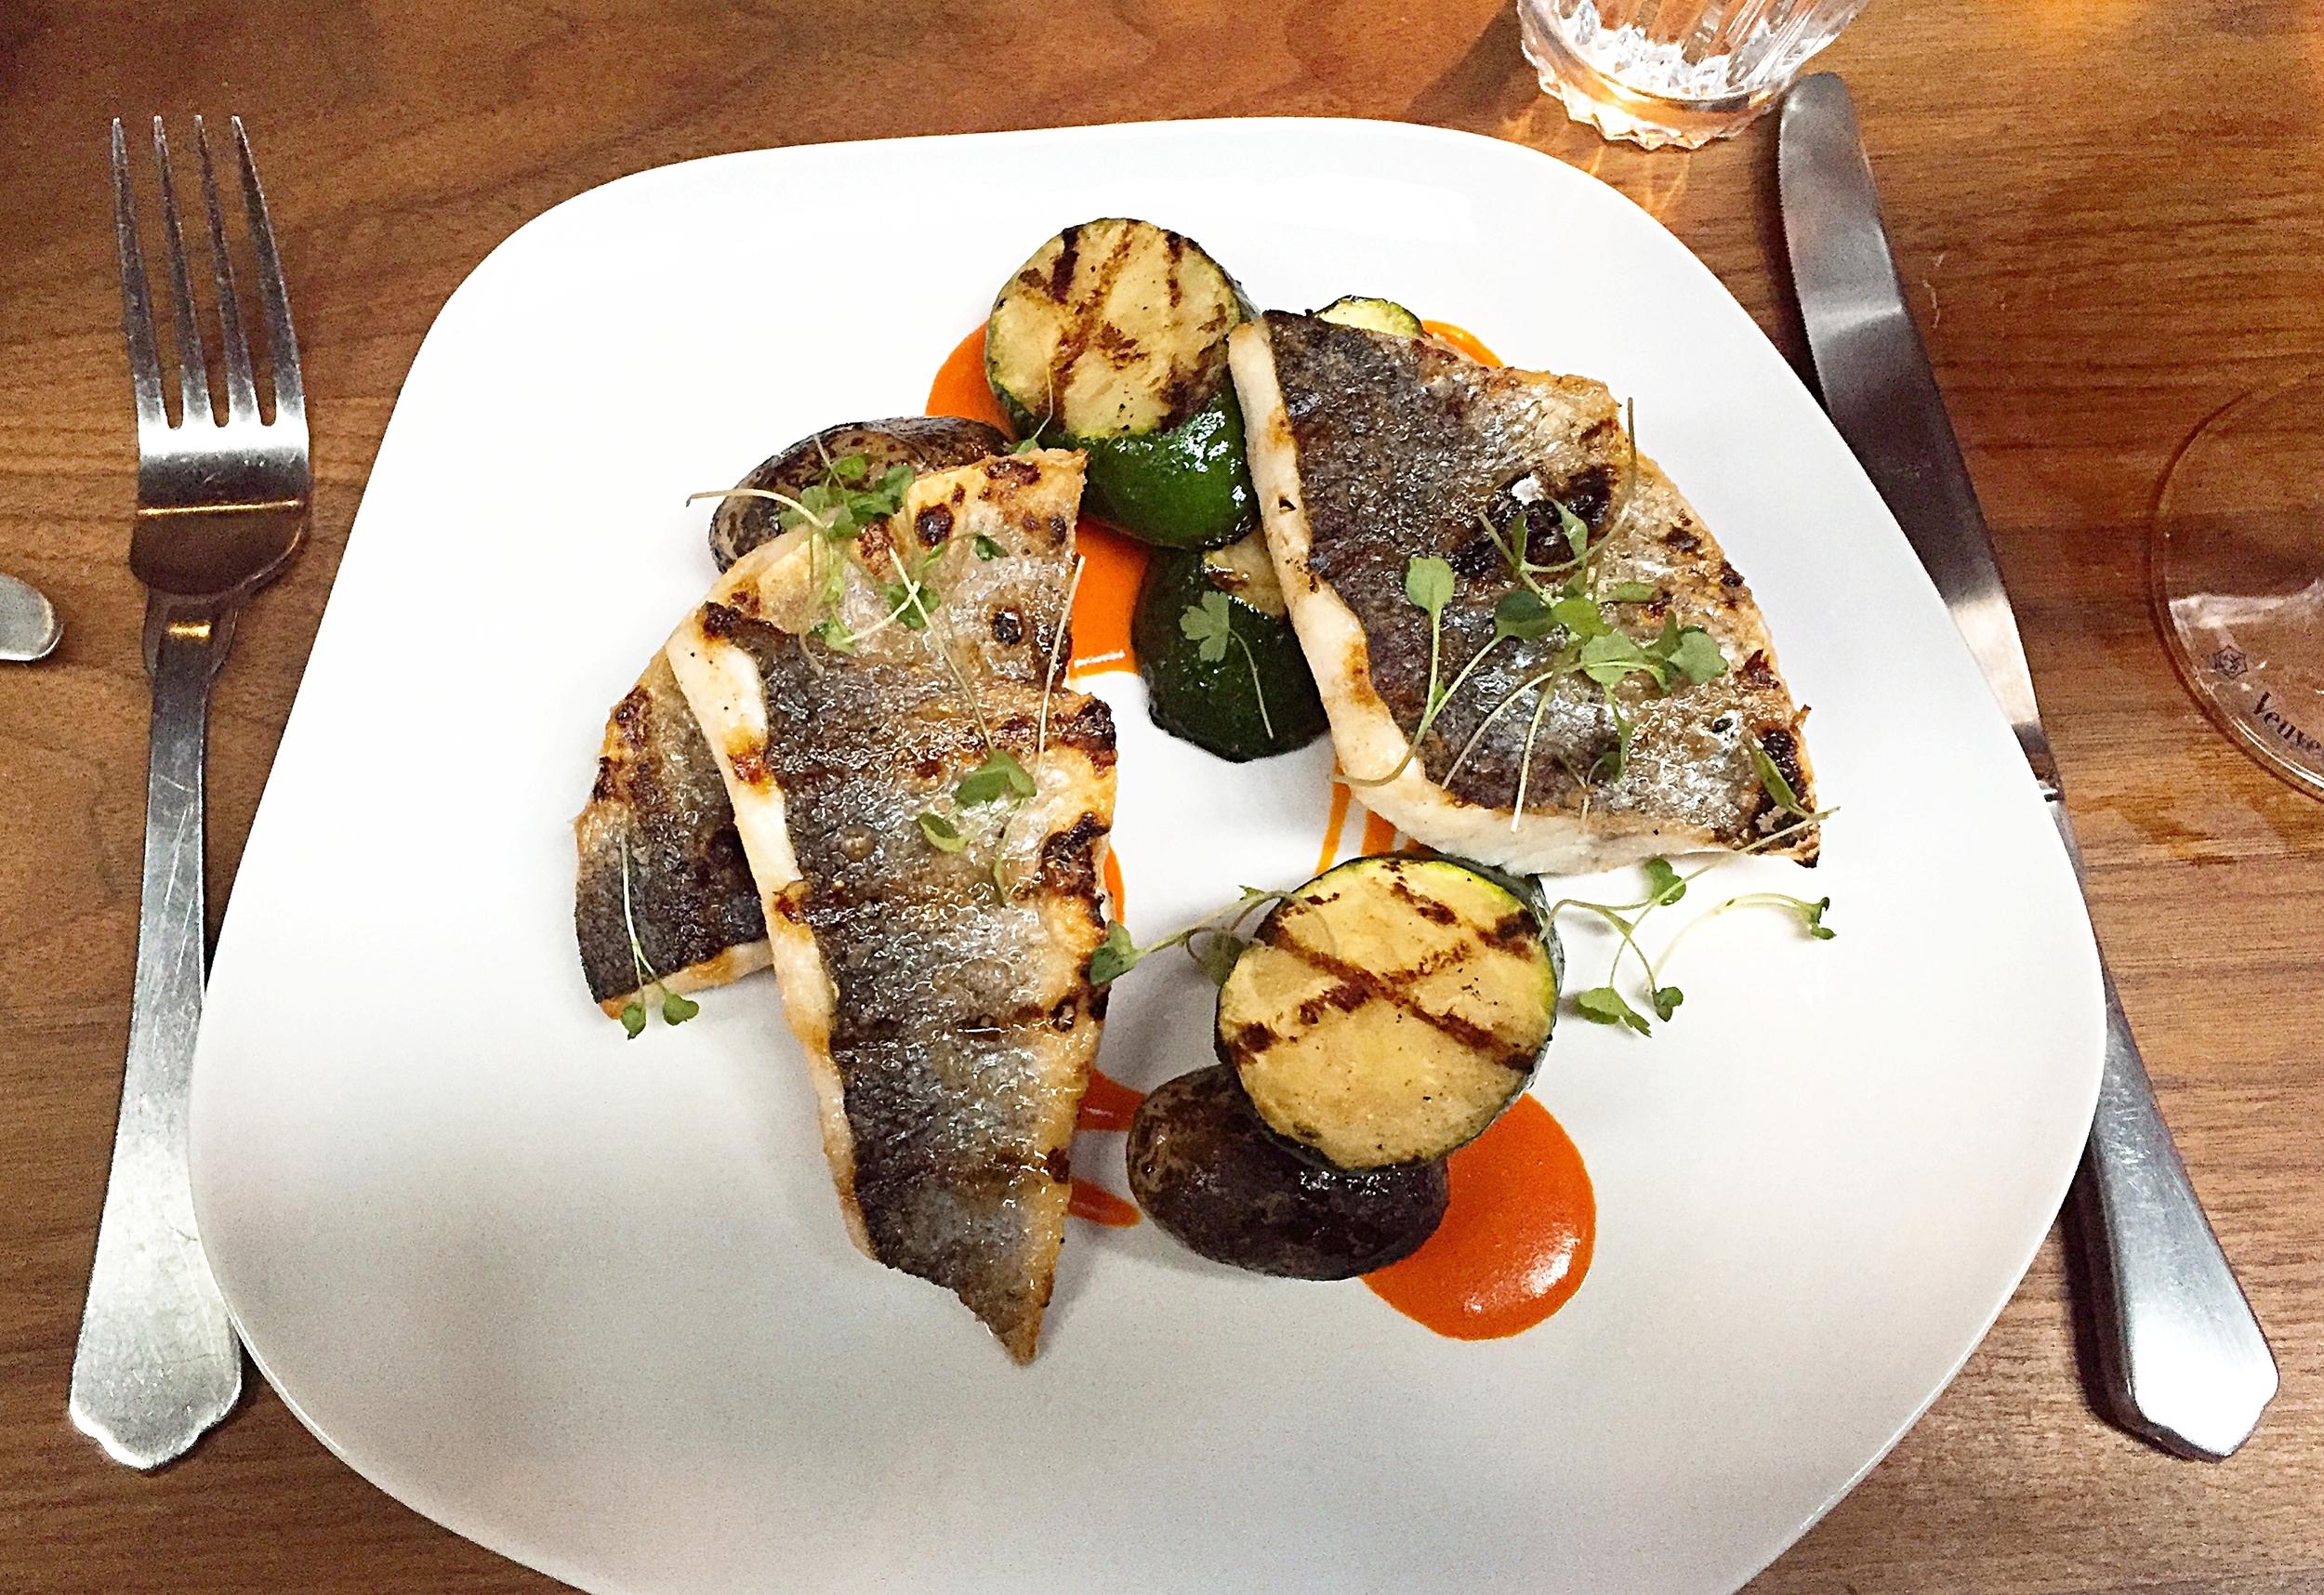 Seabass menu - Momo restaurant review, Mayfair London